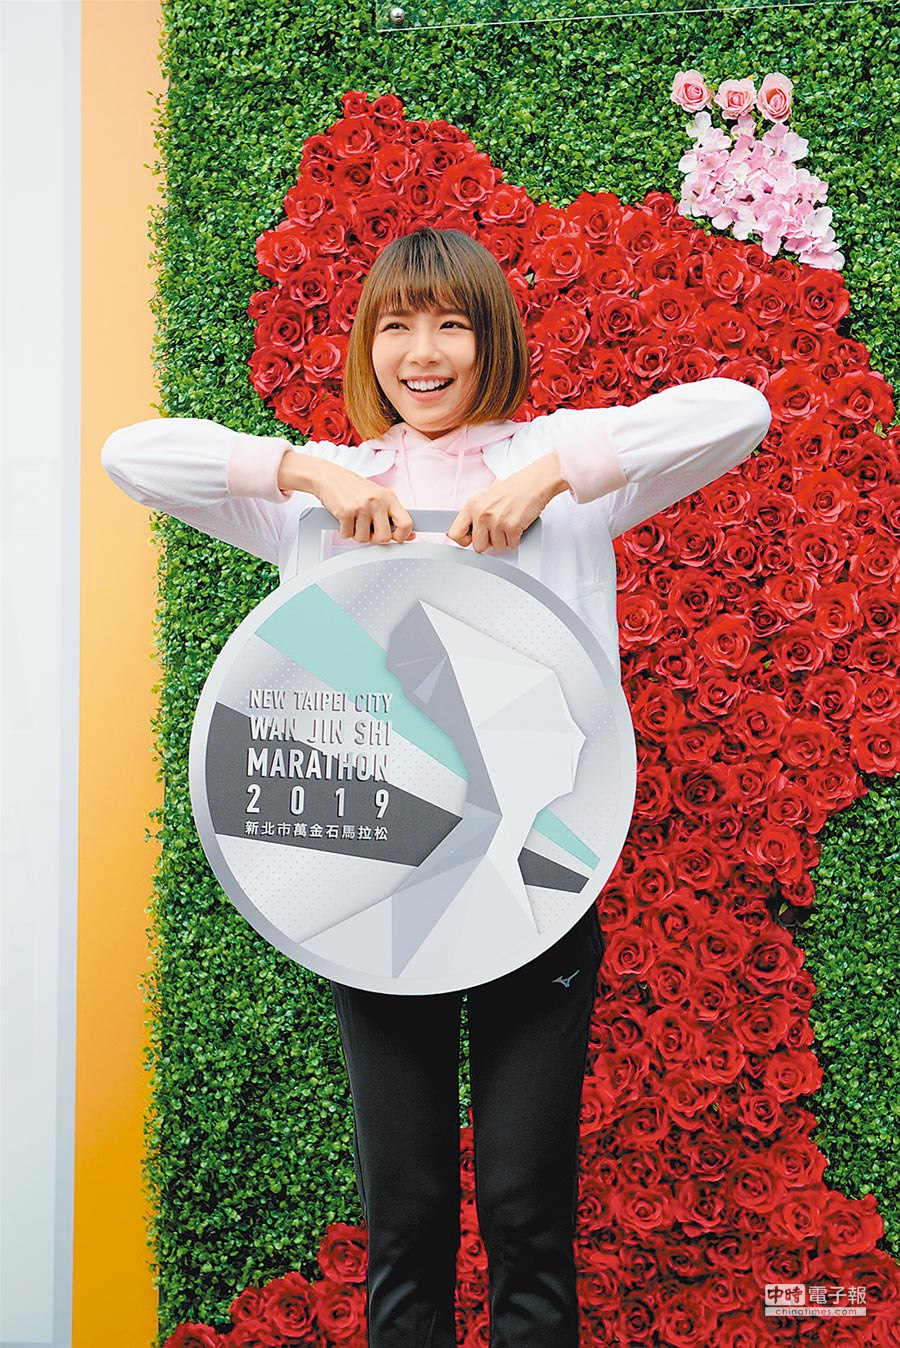 林明禎昨出席萬金石馬拉松EXPO博覽會。